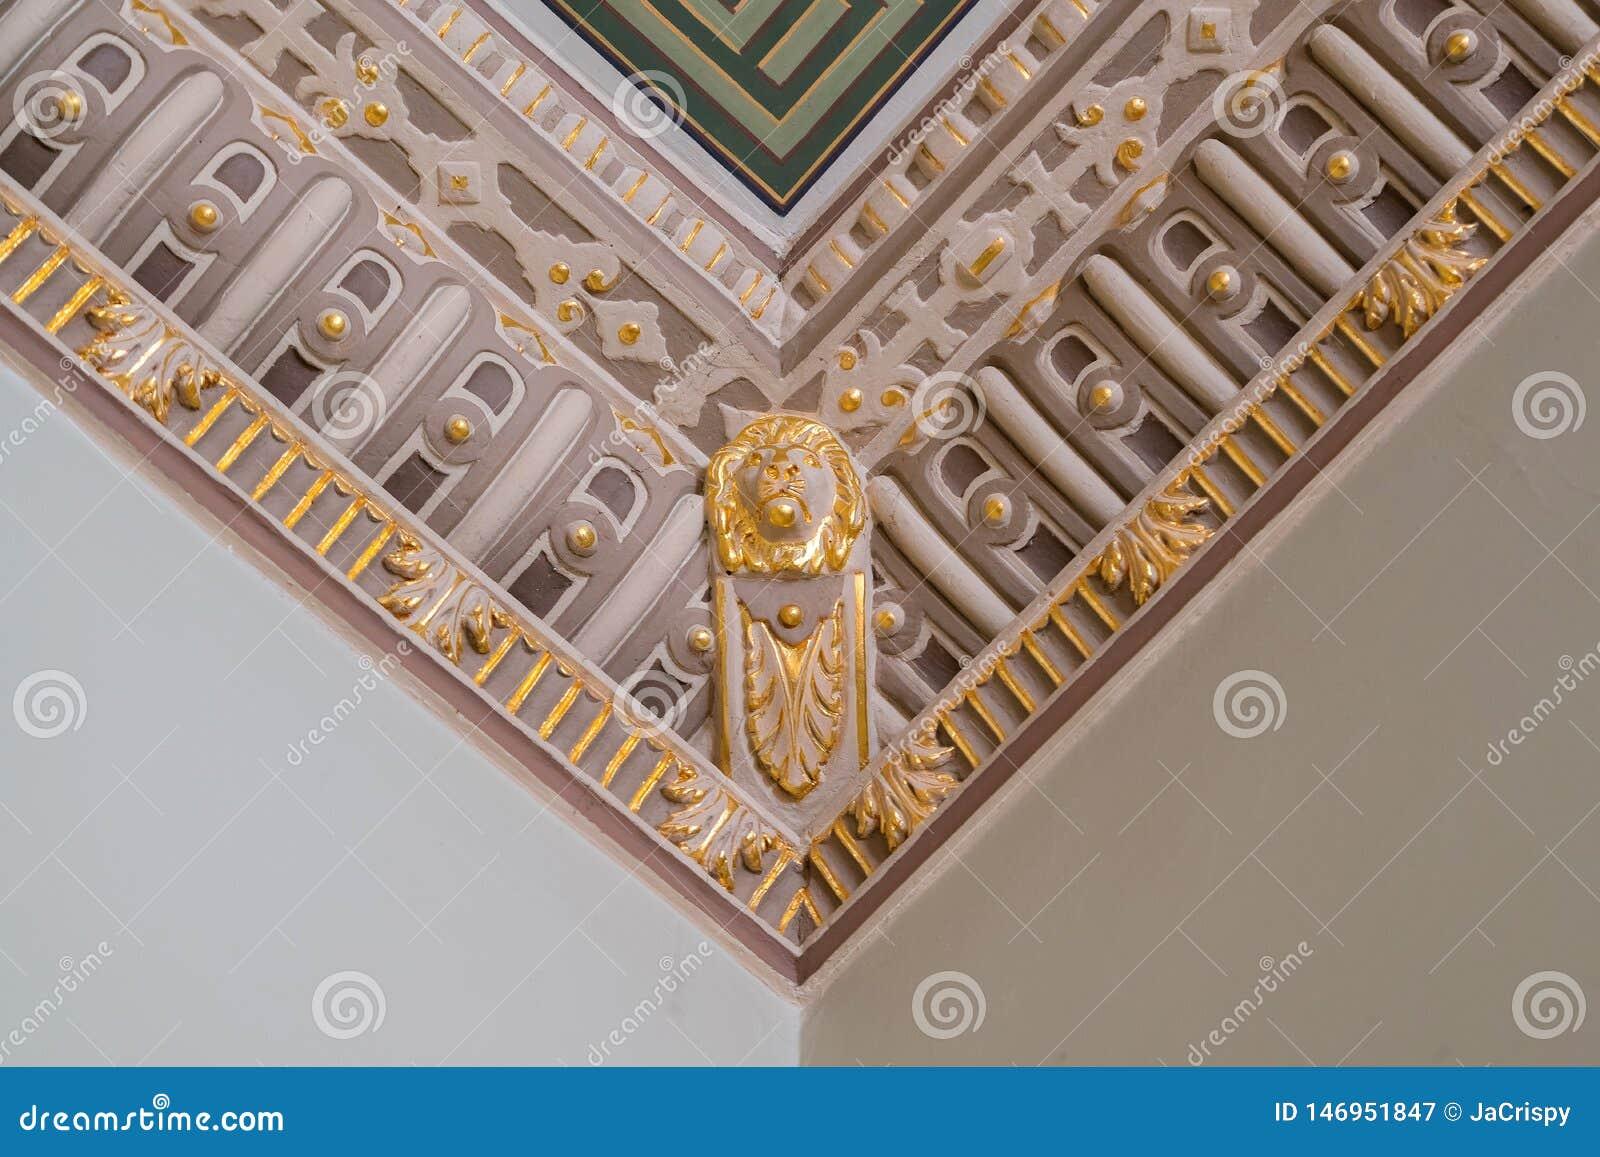 Stuckatur och lyxiga dekorativa best?ndsdelar p? tak Lyxigt estetiskt i en hem- dekor Guld- lejonhuvudstycken på ett tak